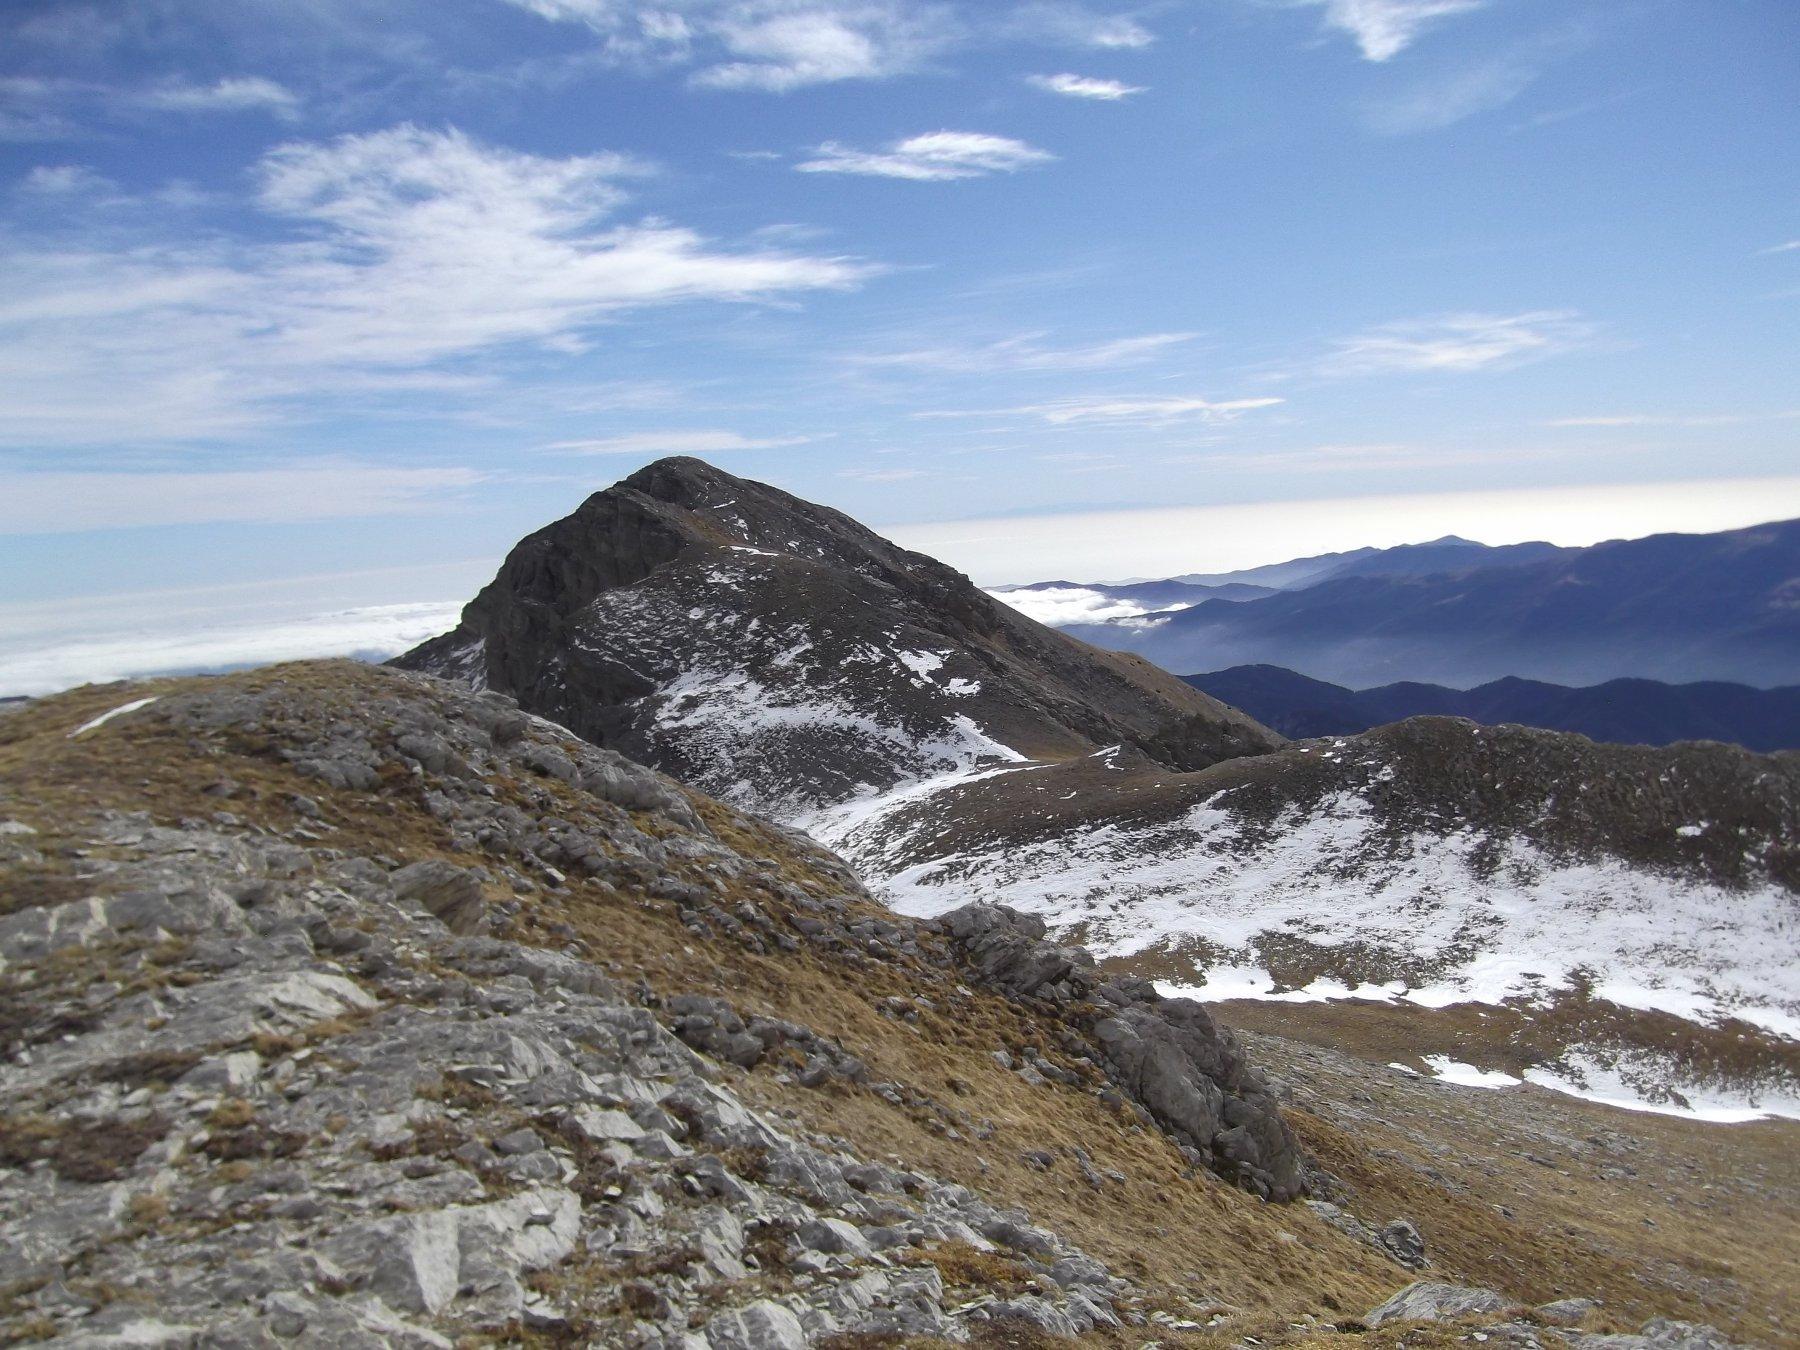 Bric Conoia dal Monte Rotondo.